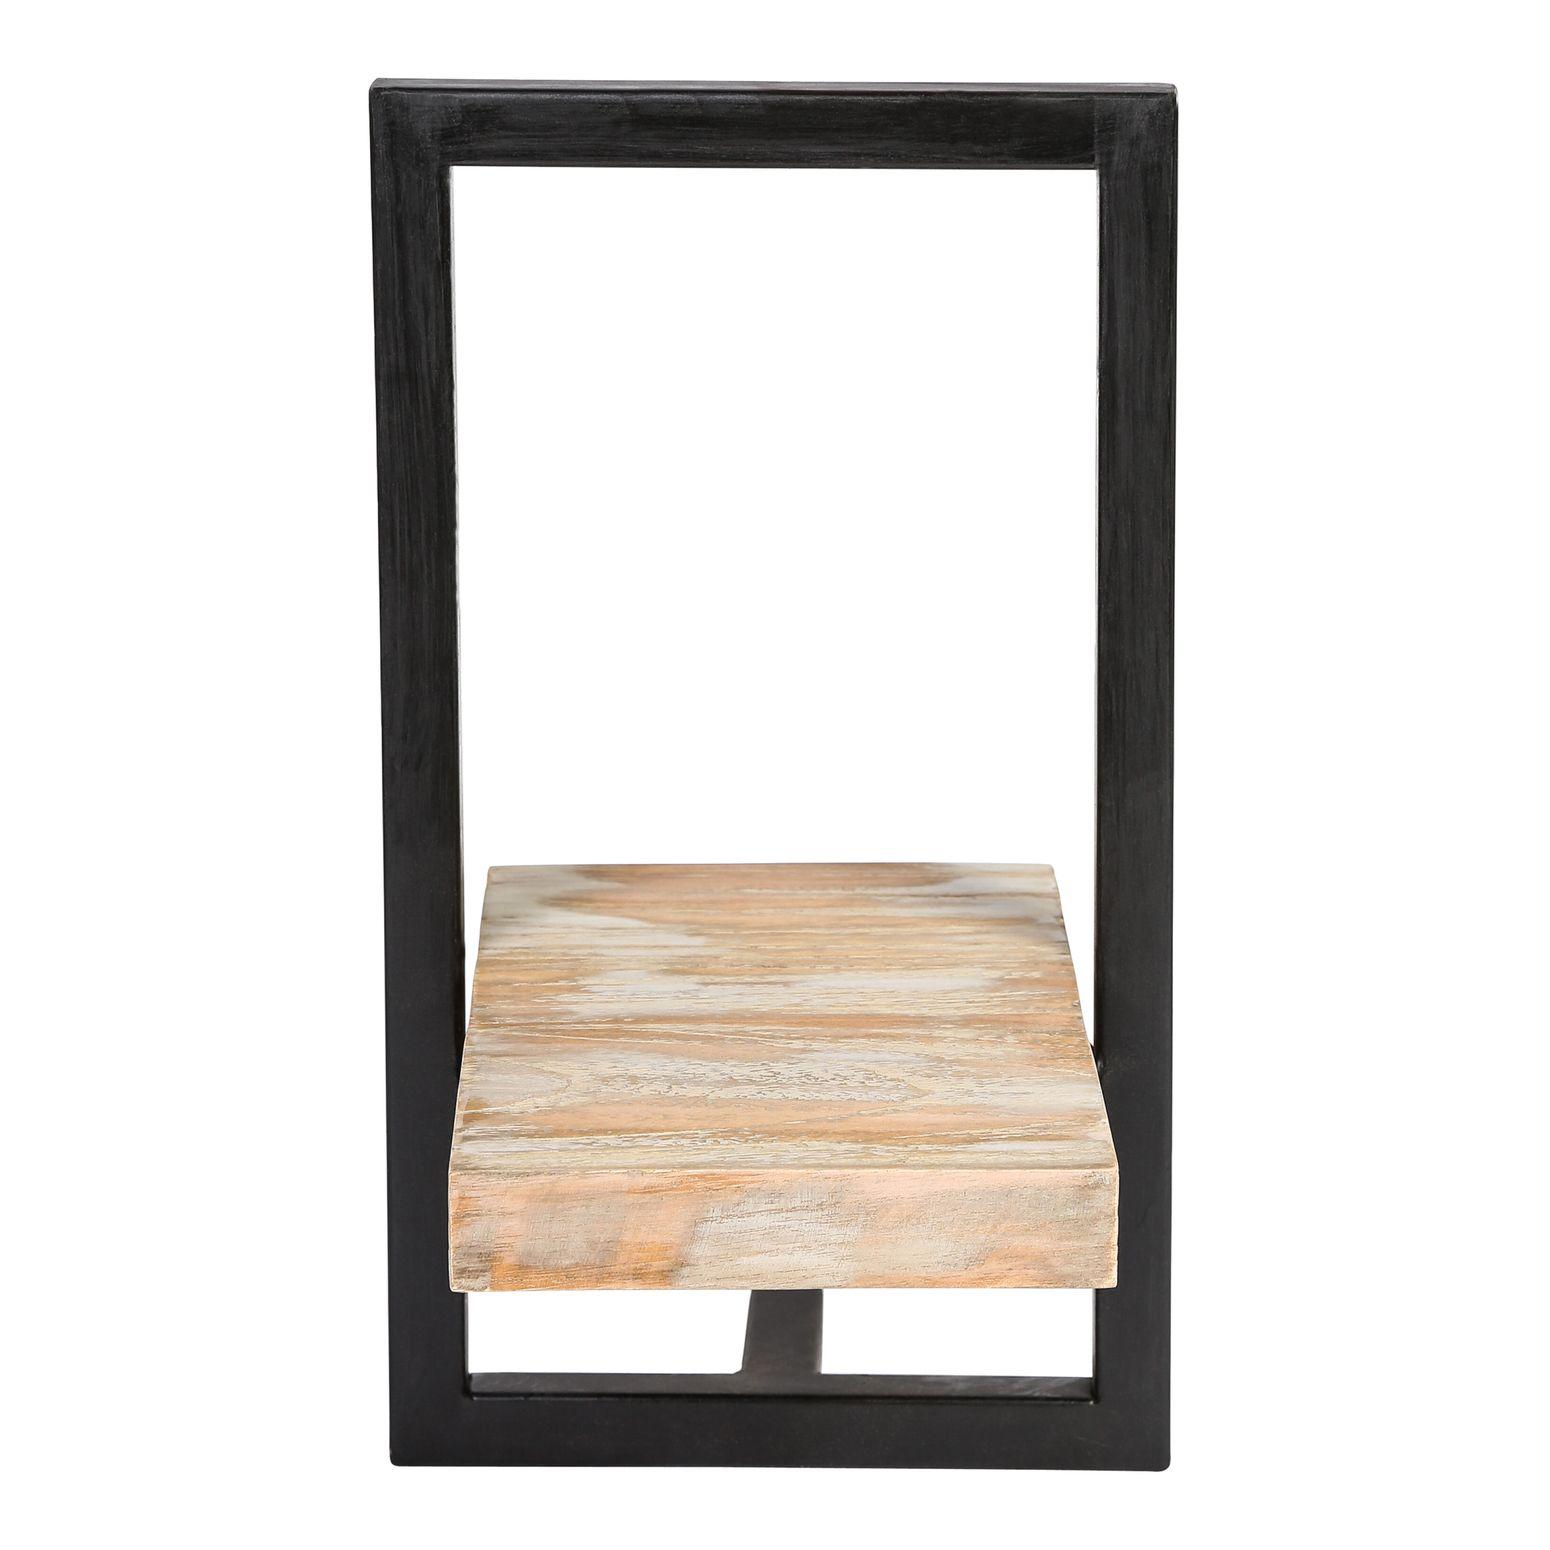 regal dezz aus holz und eisen stuff shop. Black Bedroom Furniture Sets. Home Design Ideas